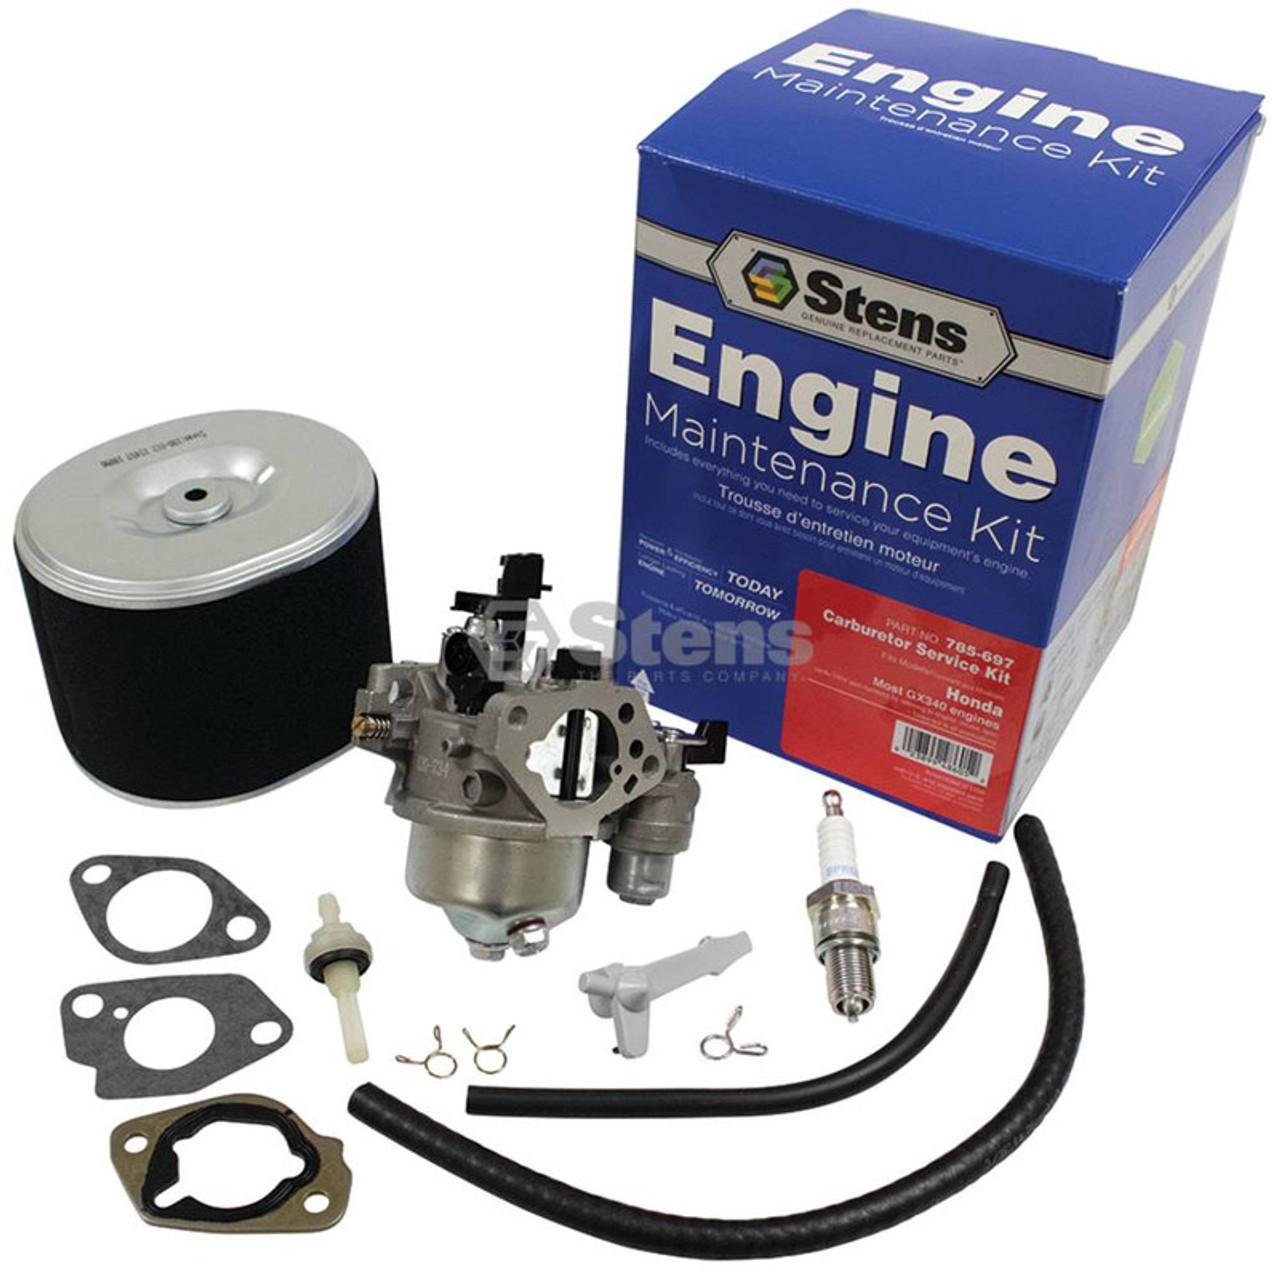 Details about  /Honda GX340 Carb Replace Honda Part Number 16100-ZE3-V01 Carburetor Fuel Filter